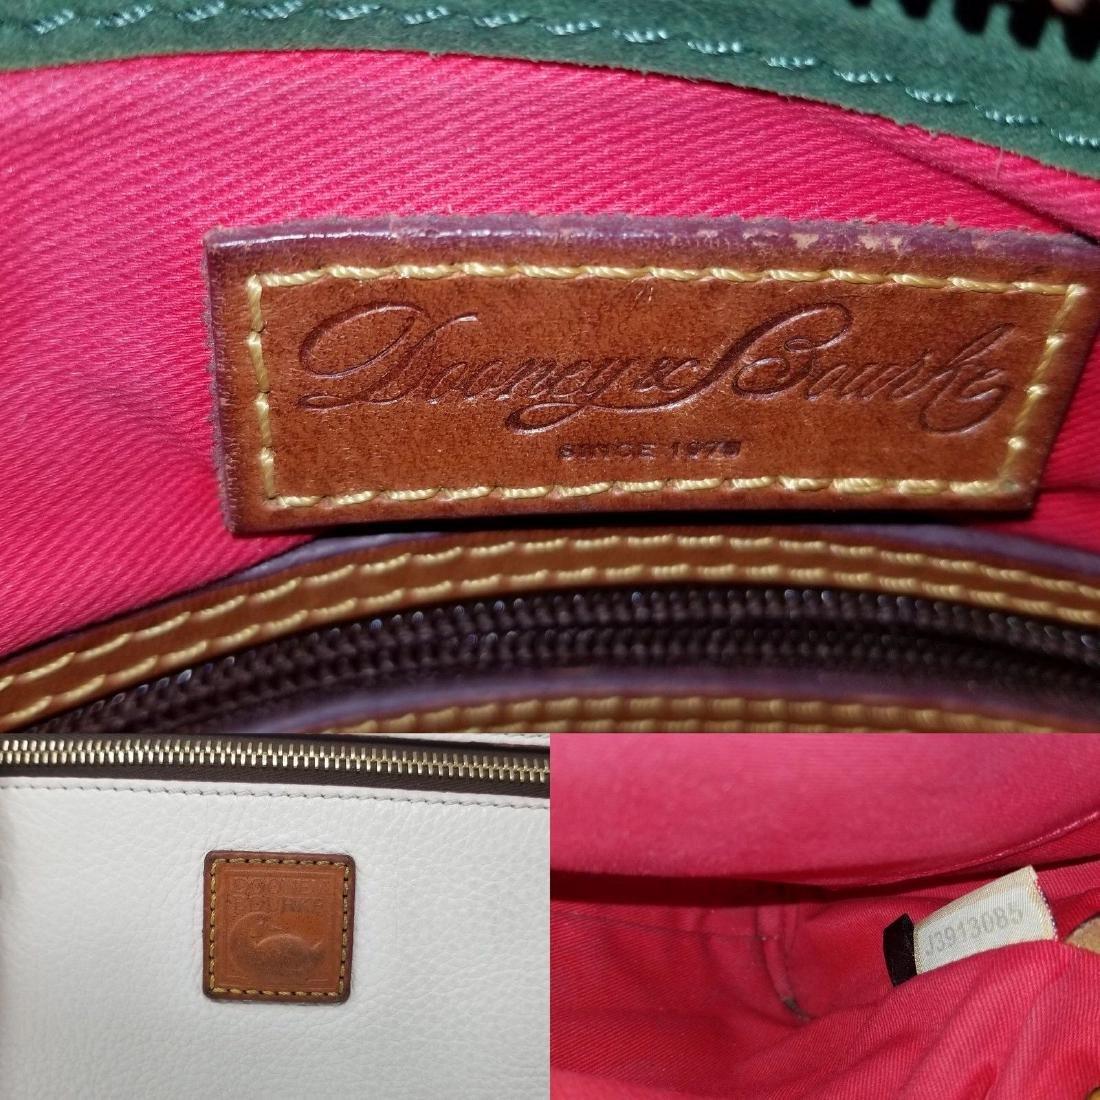 Dooney and Bourke Handbag Leather Vintage - 10